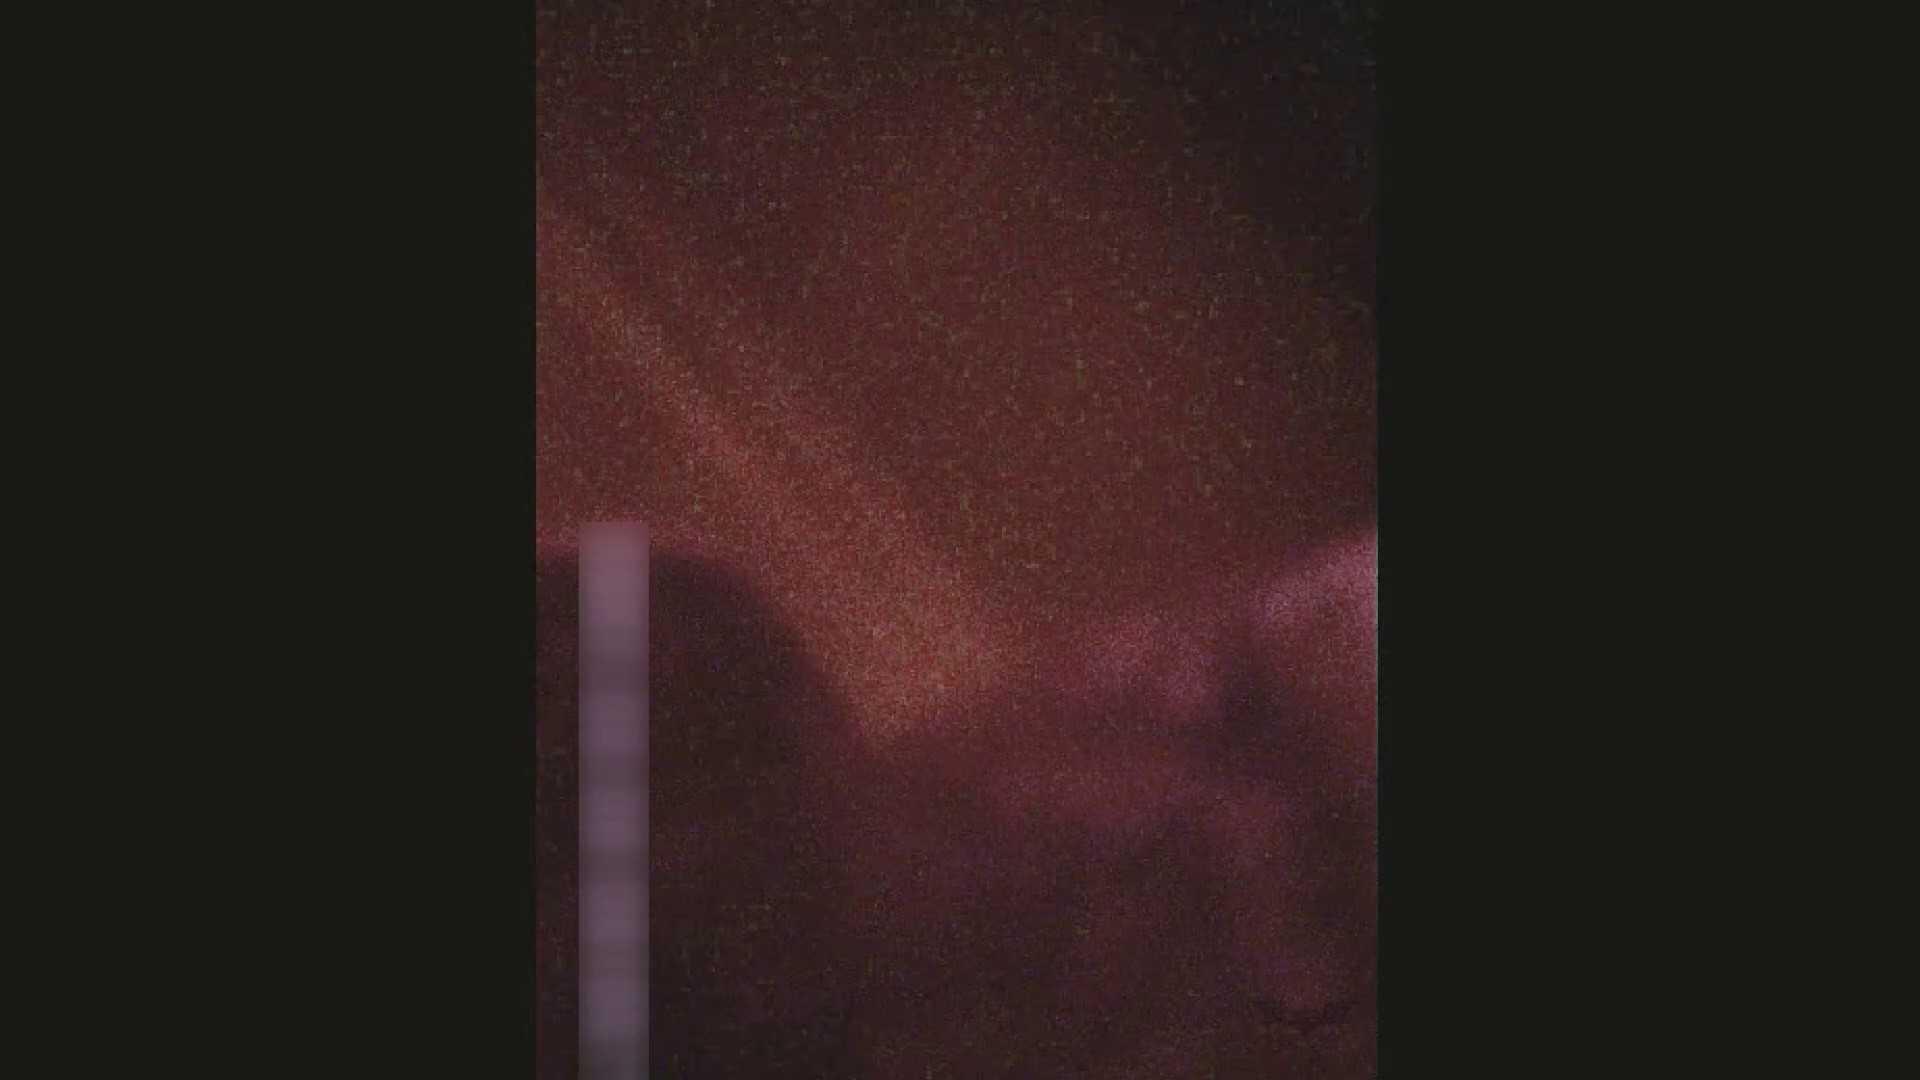 榮倉奈々 似!!激カワ ときめきチャン Vol.34 脱衣編 盛合せ おまんこ動画流出 95枚 70